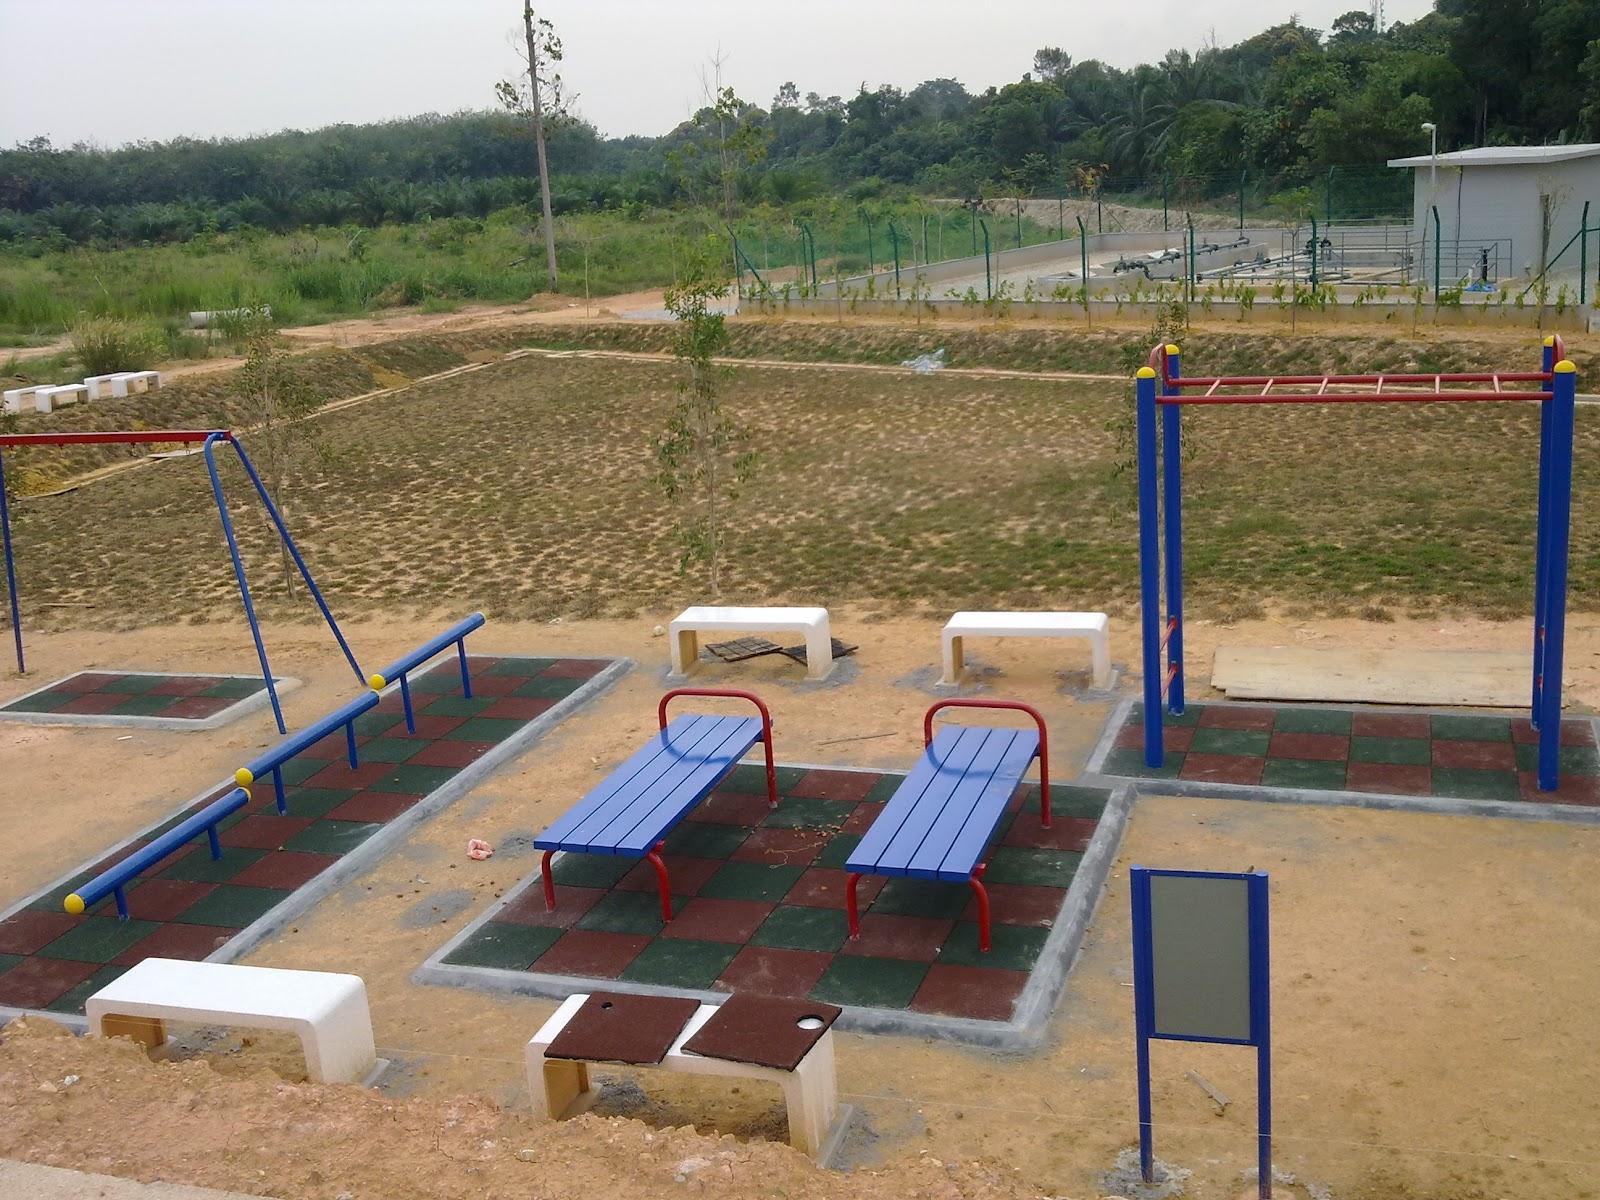 Taman Permainan Kanak-kanak di Rumah di Sebelah Taman Permainan